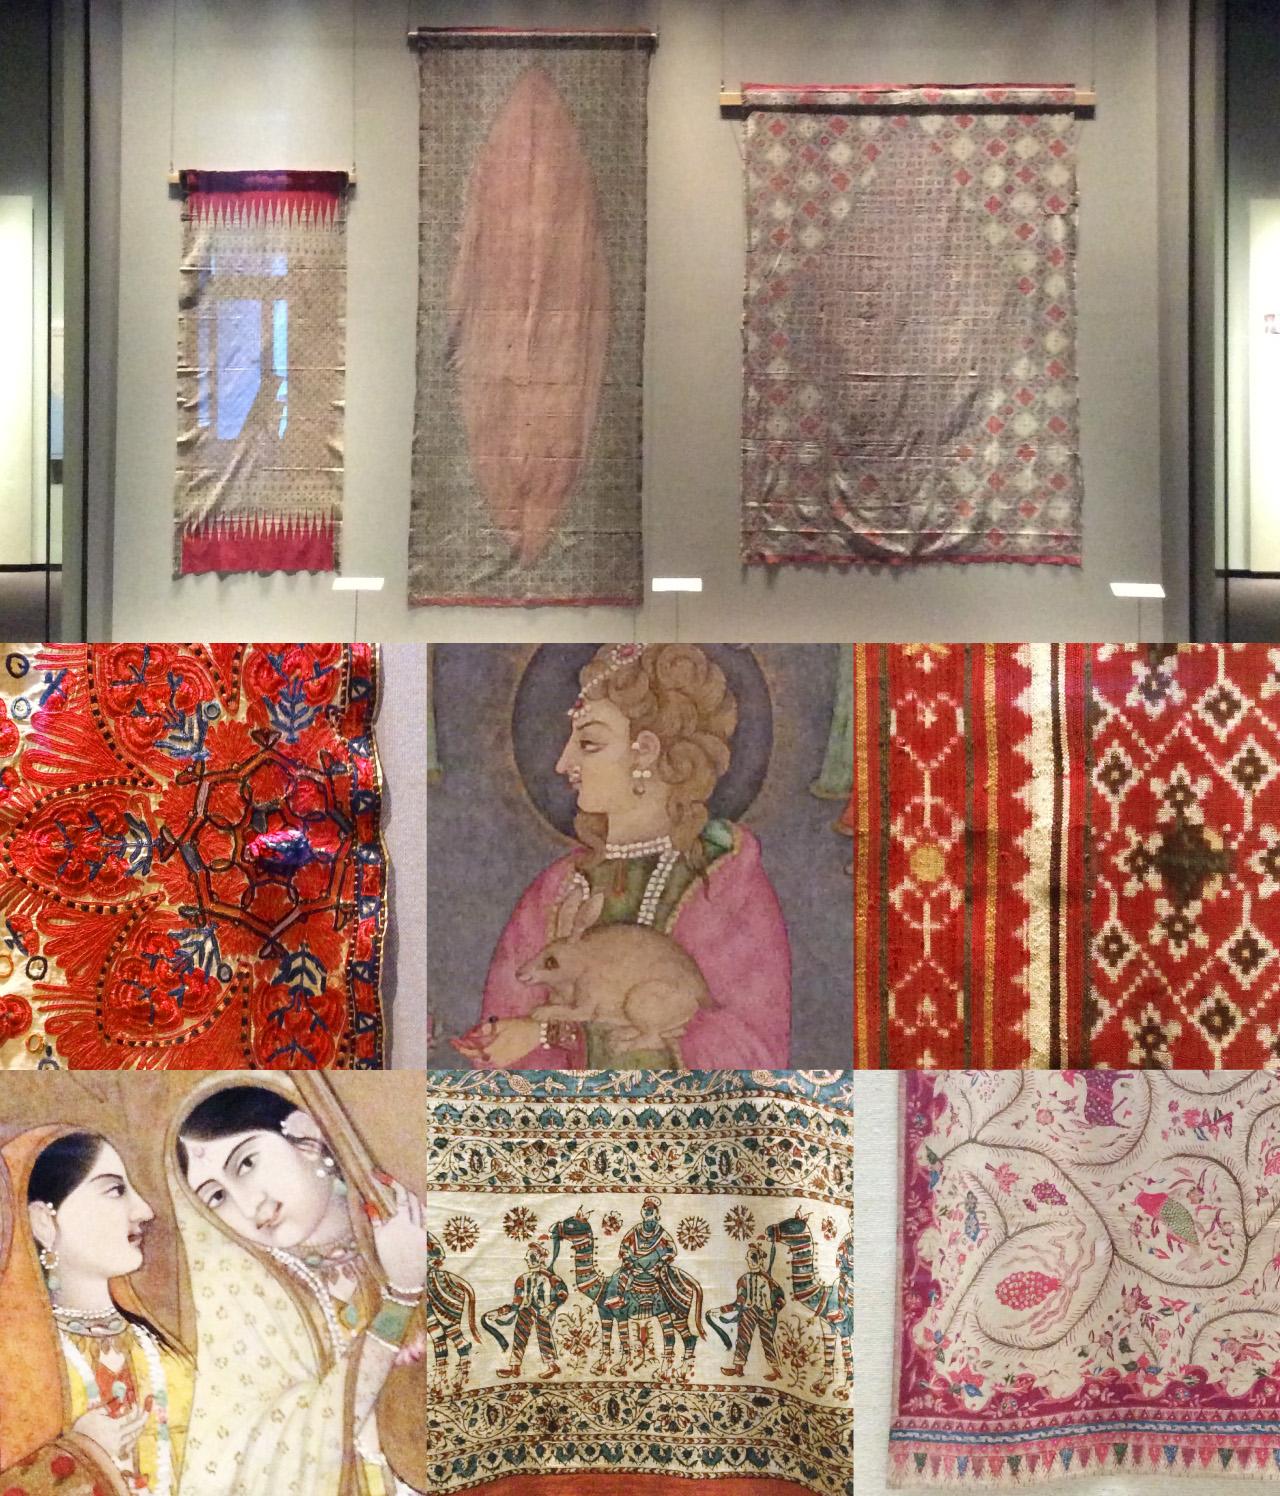 東京国立博物館 東洋館 アジアの染織 インドの細密画